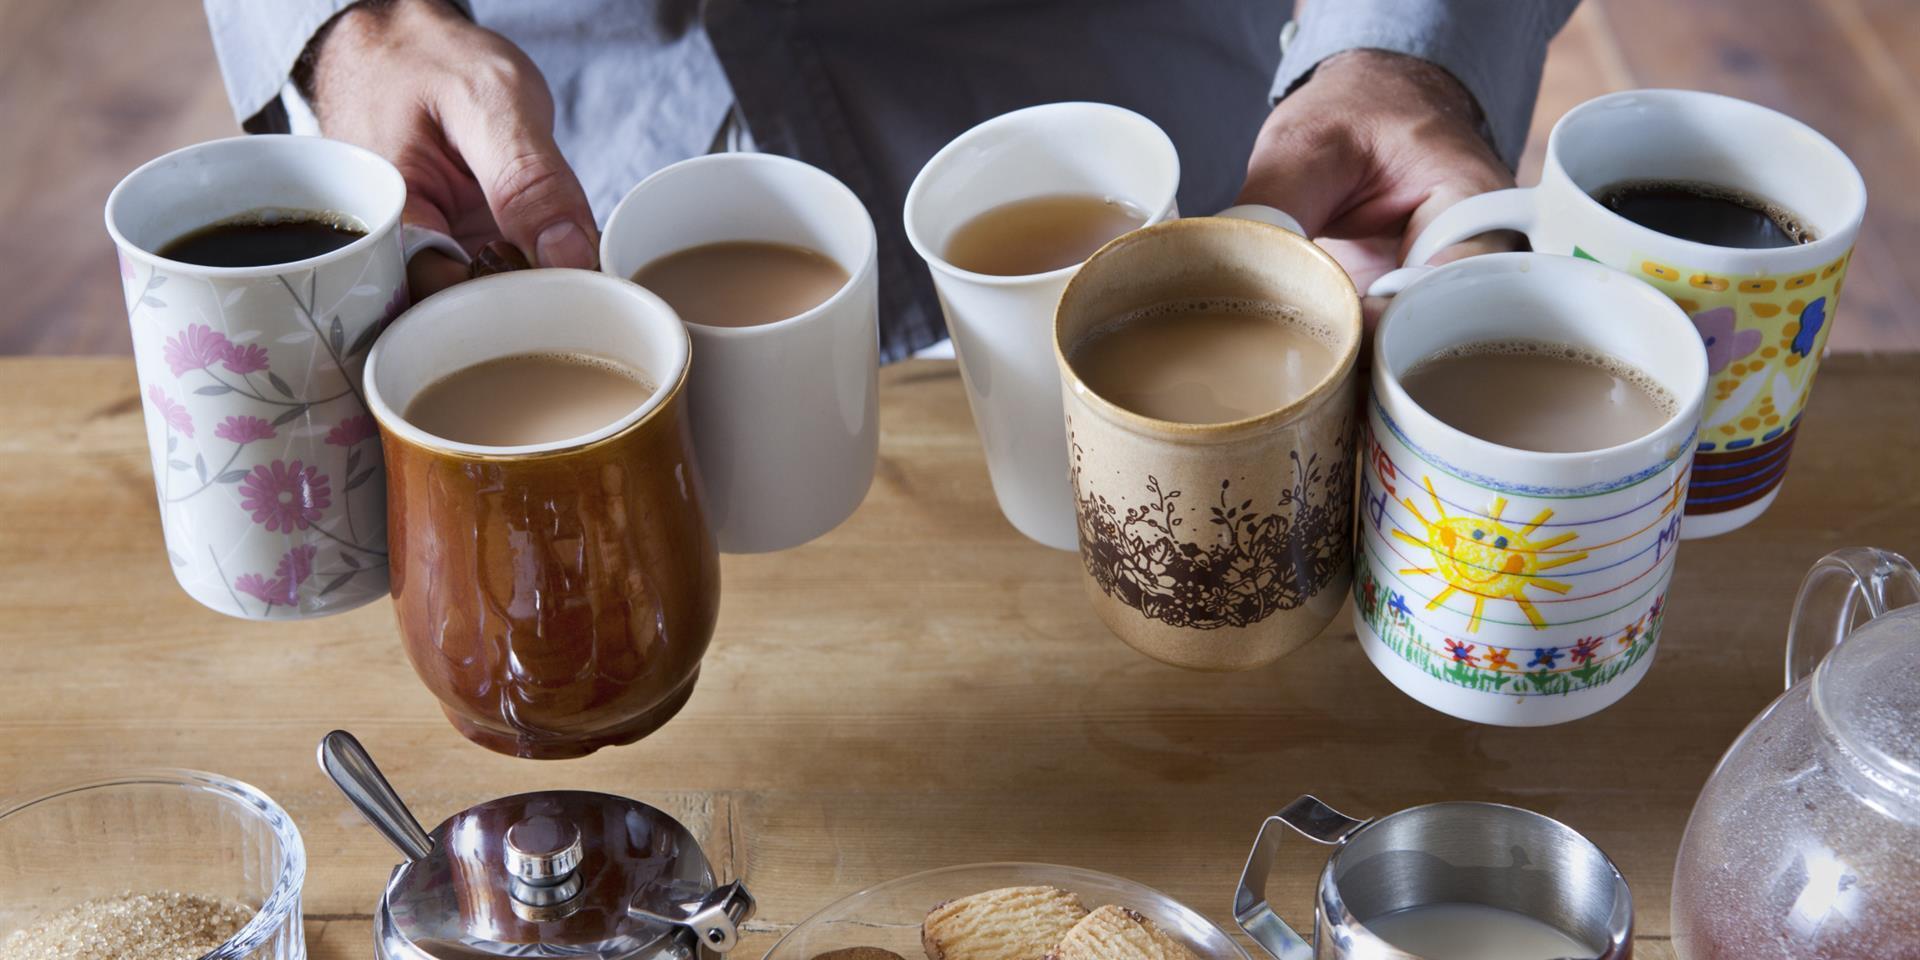 Hárommilliárd csésze kávét isznak évente az izraeliek